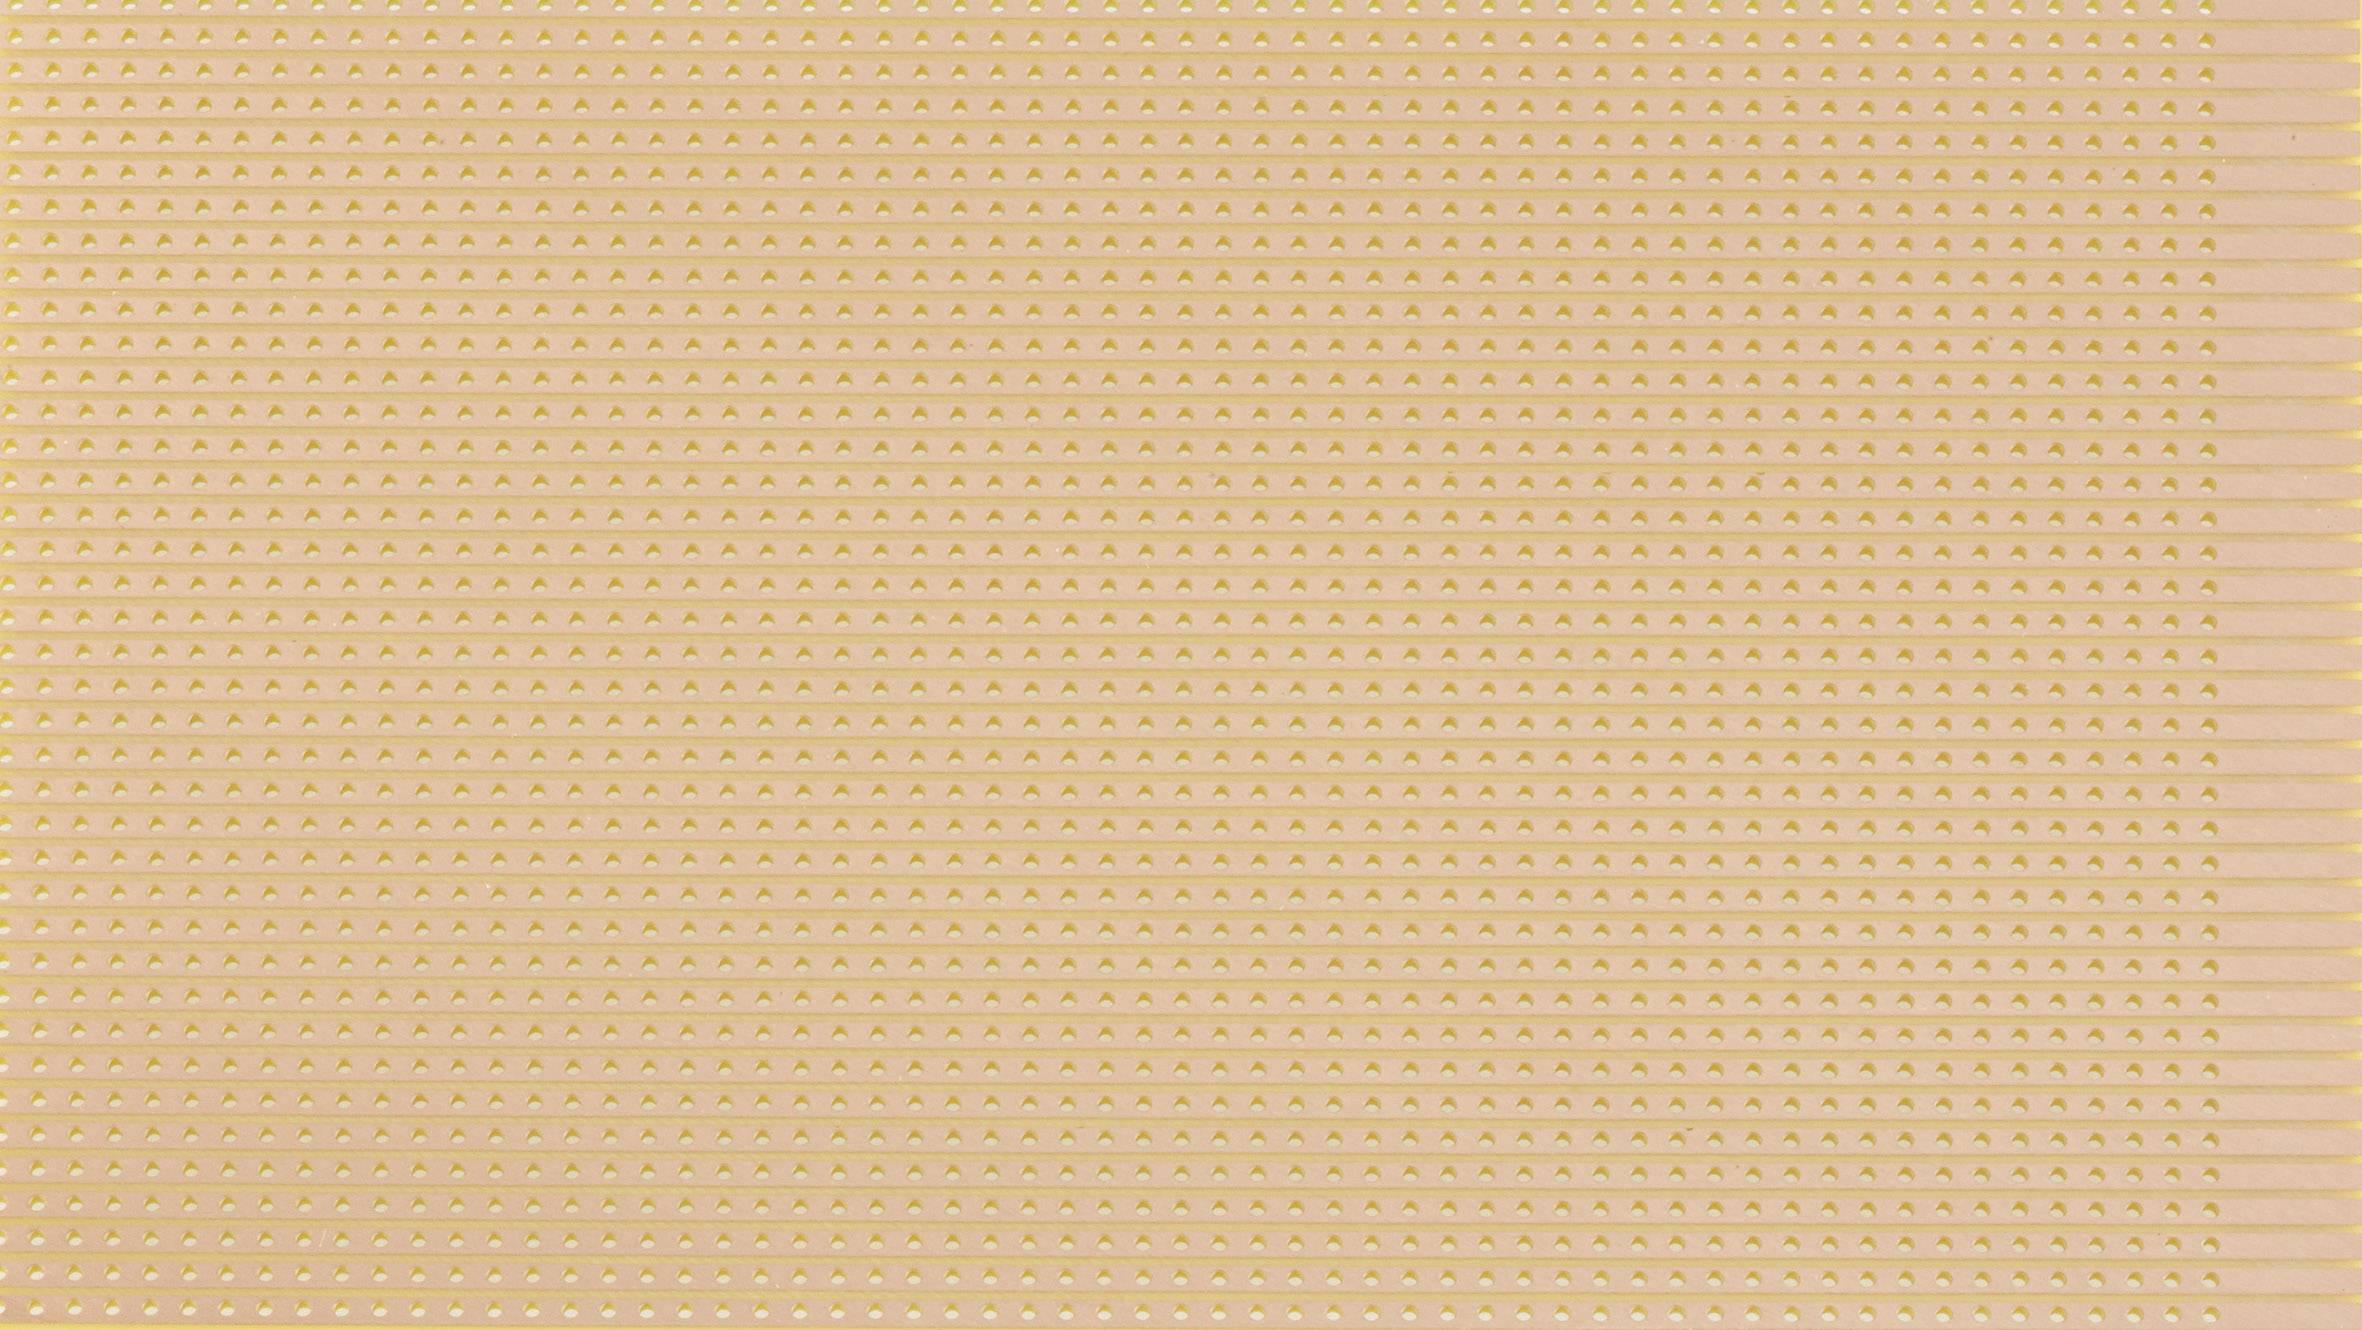 PÁJECÍ MRÍŽKA, PROUŽKY 720 TP160 x 100